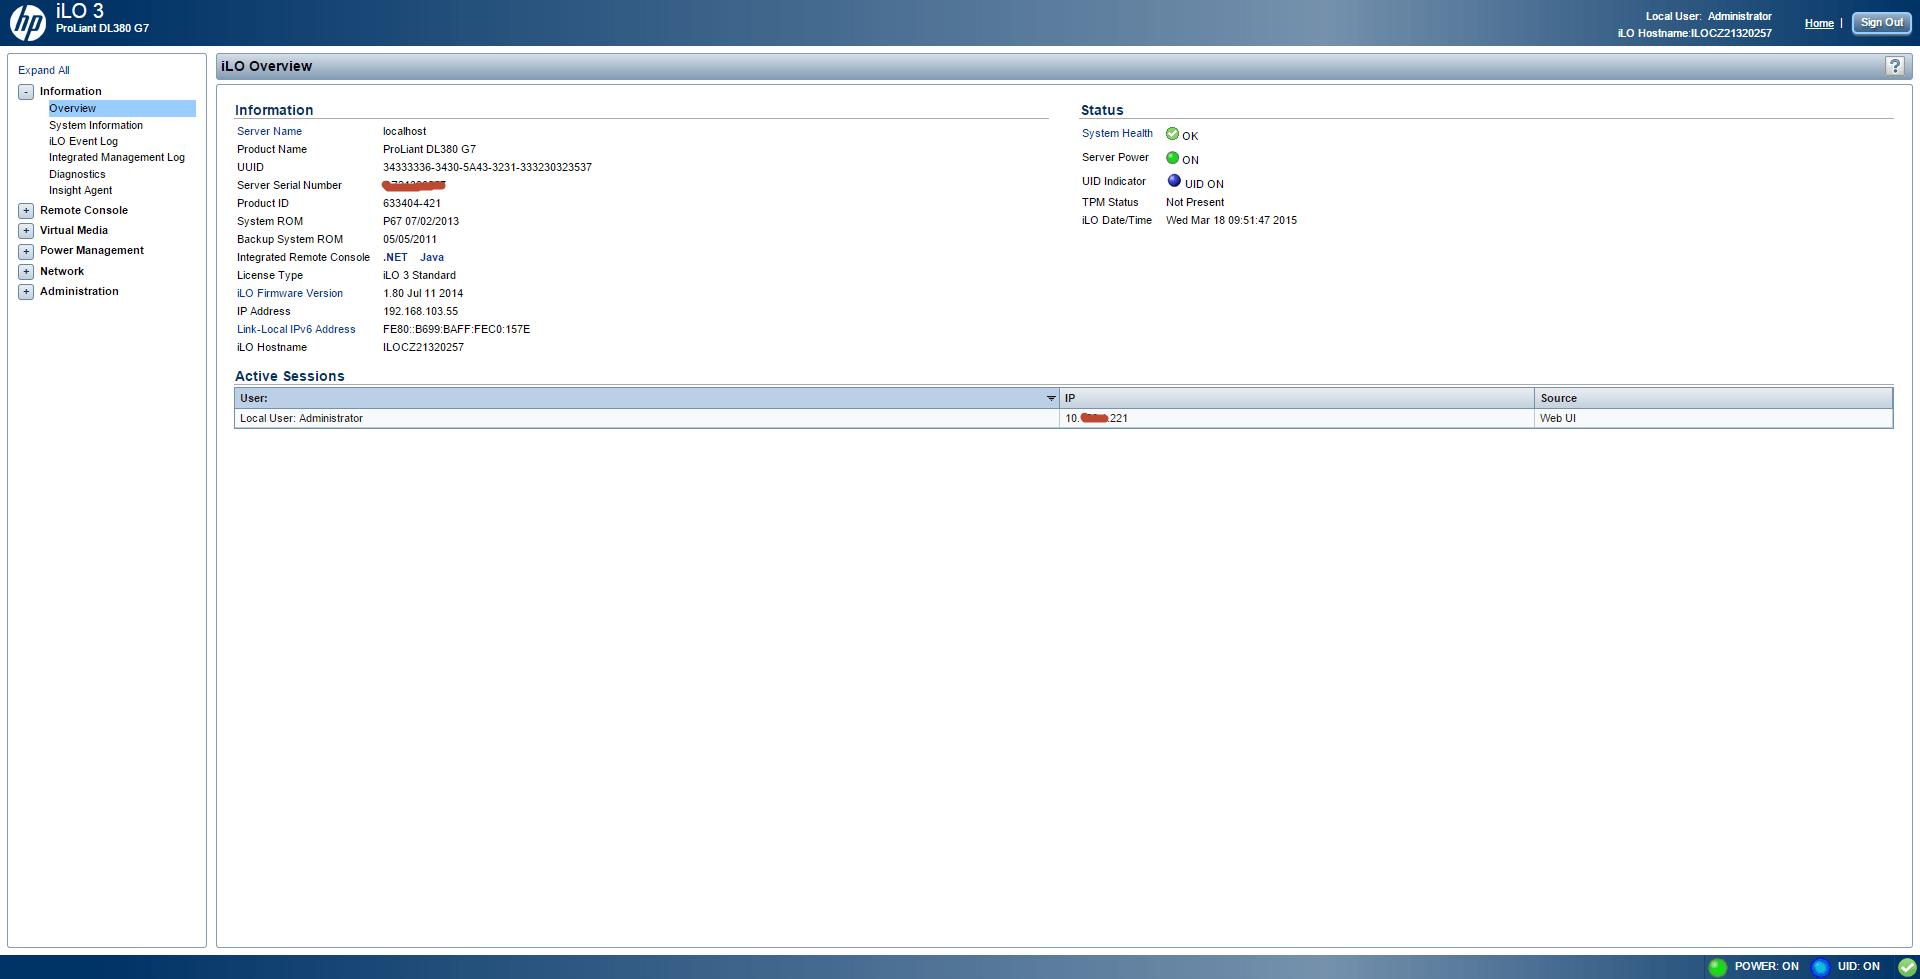 Обзор параметров ILO 3 в HP dl380 g7-02